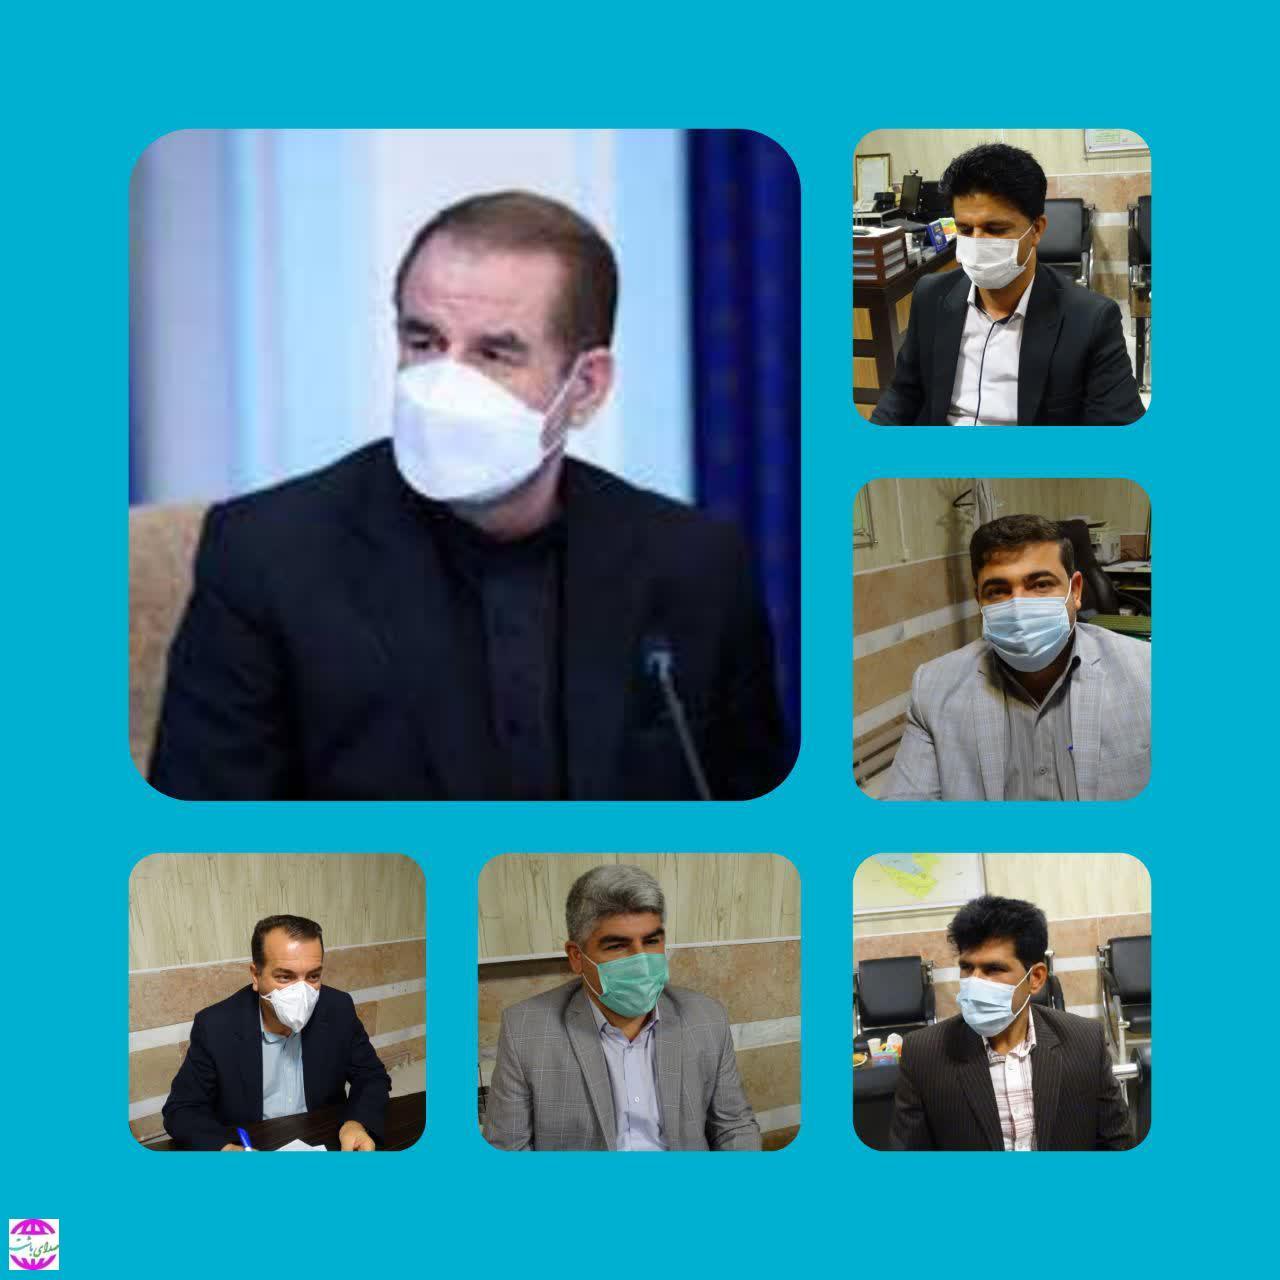 پیام تبریک اعضای شورای اسلامی شهر باشت به انتصاب استاندار جدید استان کهگیلویه و بویراحمد